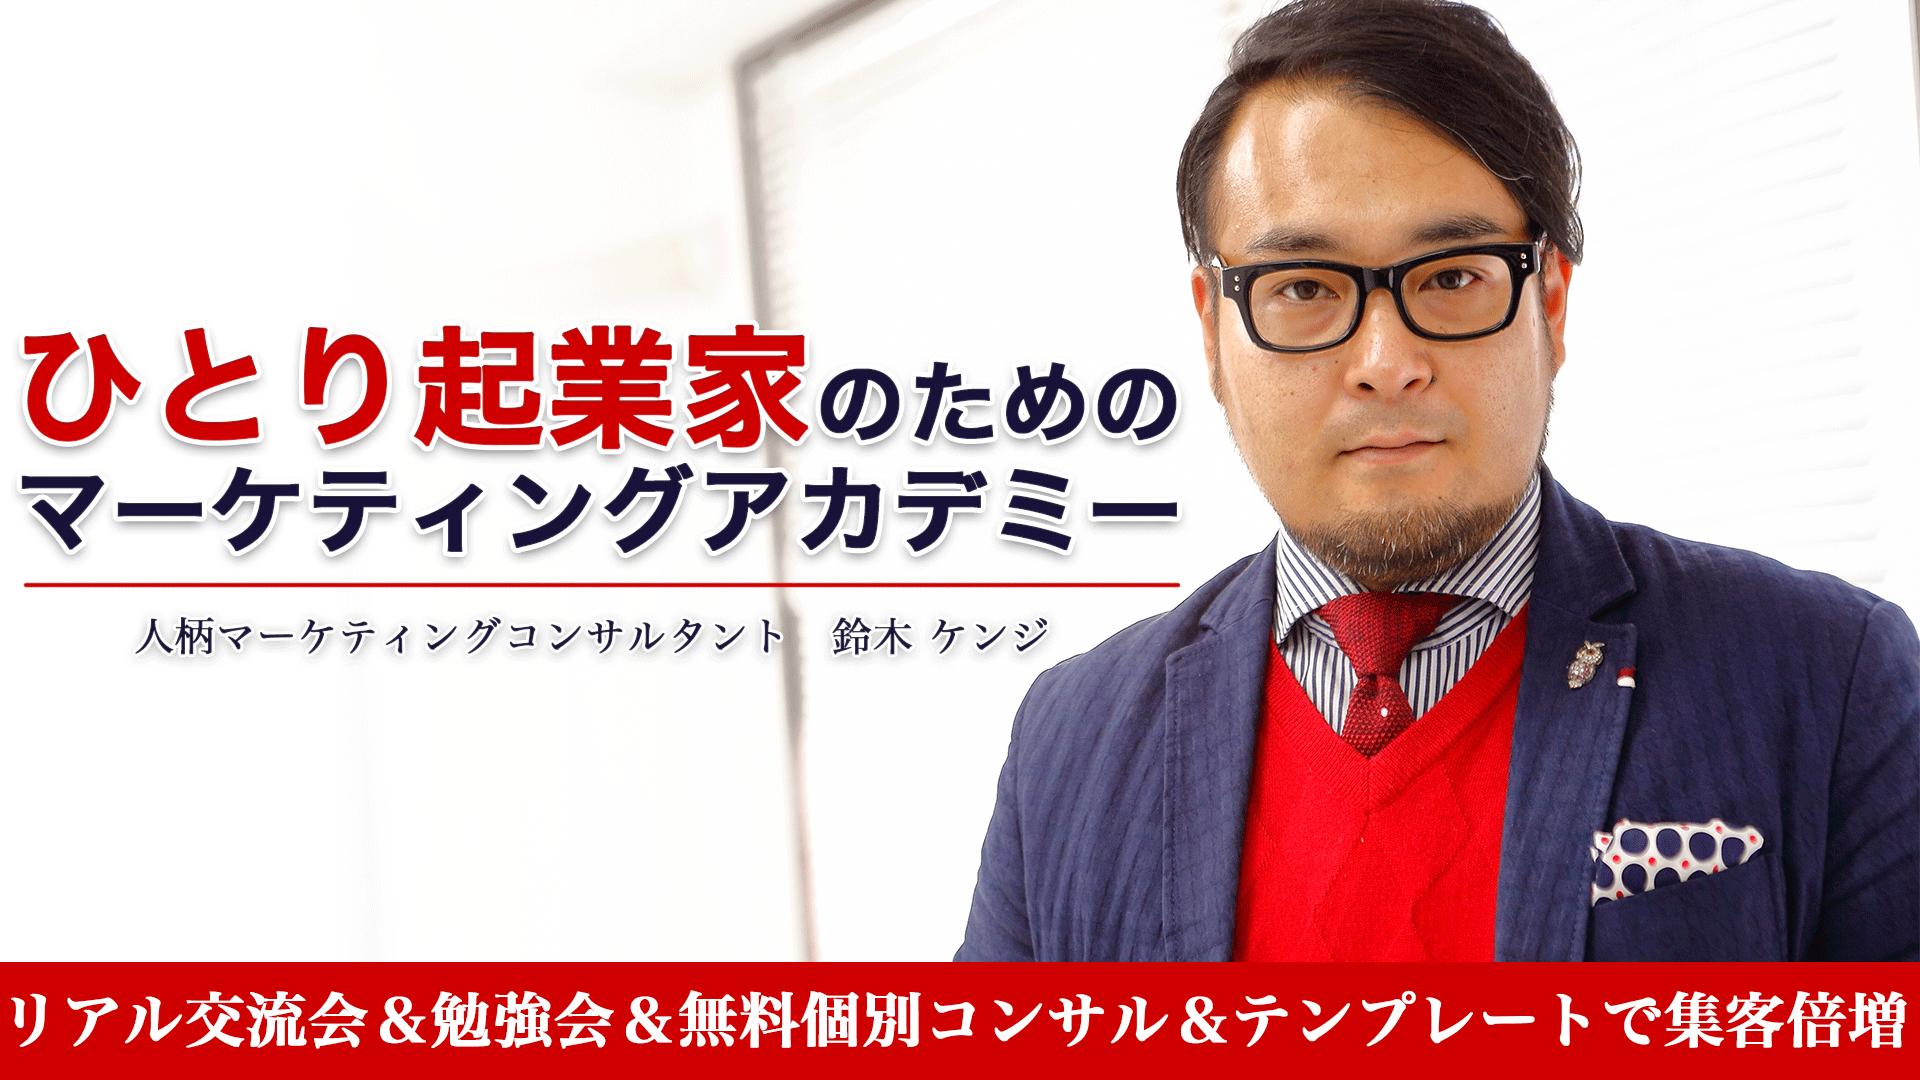 鈴木ケンジ - ひとり起業家のためのマーケティングアカデミー - DMM オンラインサロン